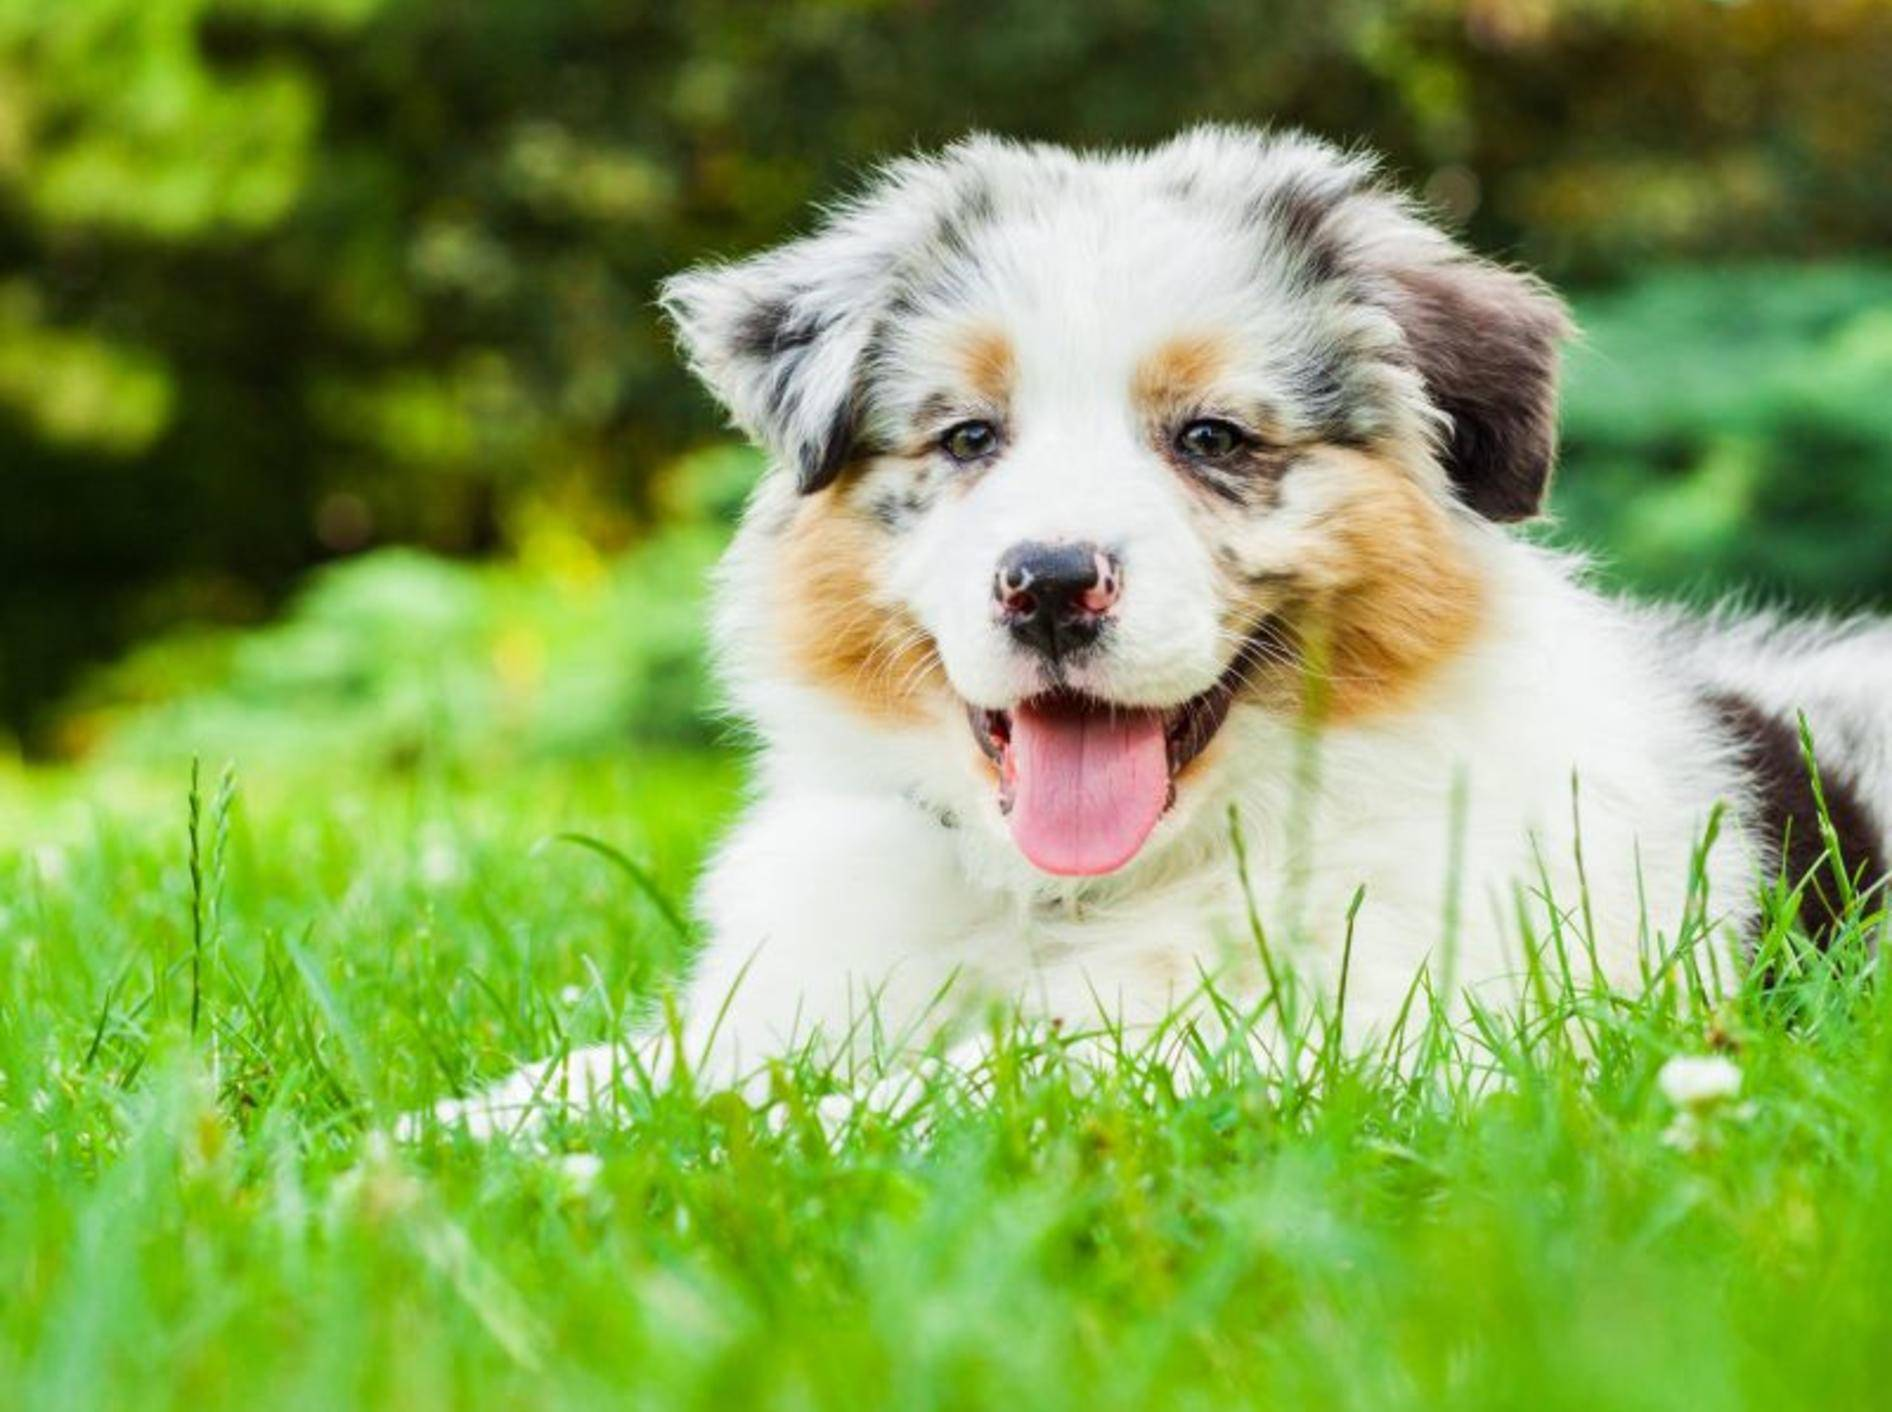 Hund-Liegend-Wiese